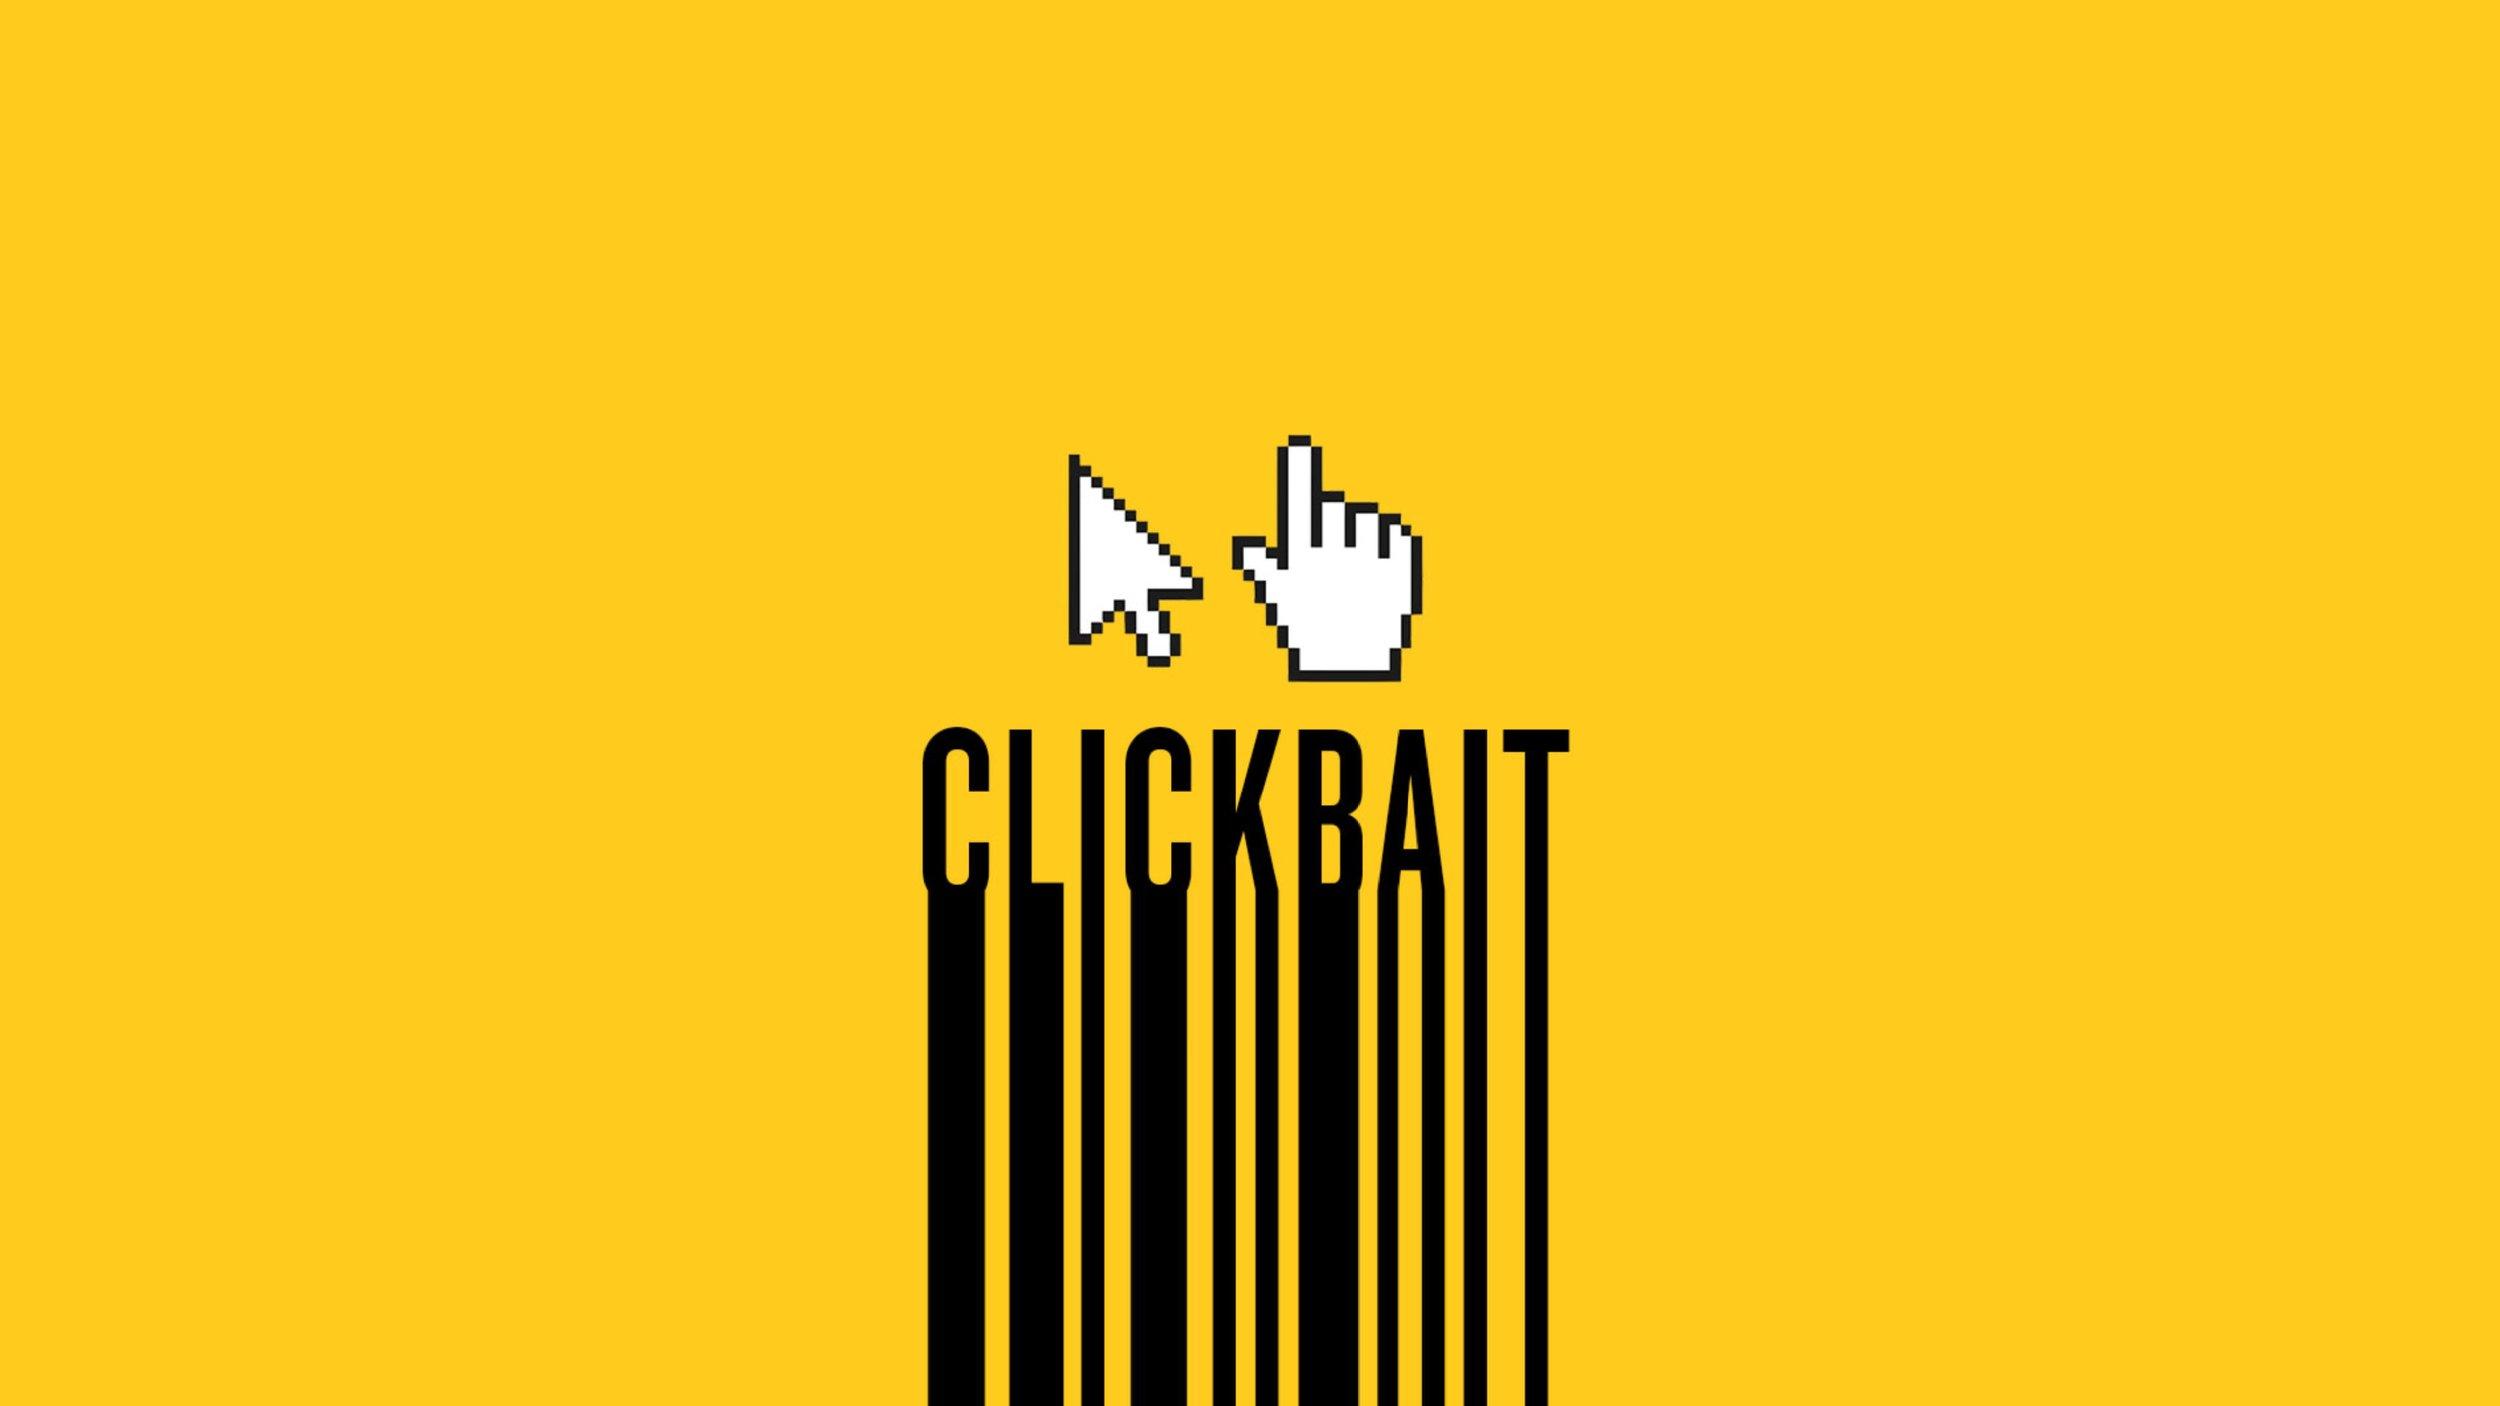 Clickbait-Slide-1.JPG